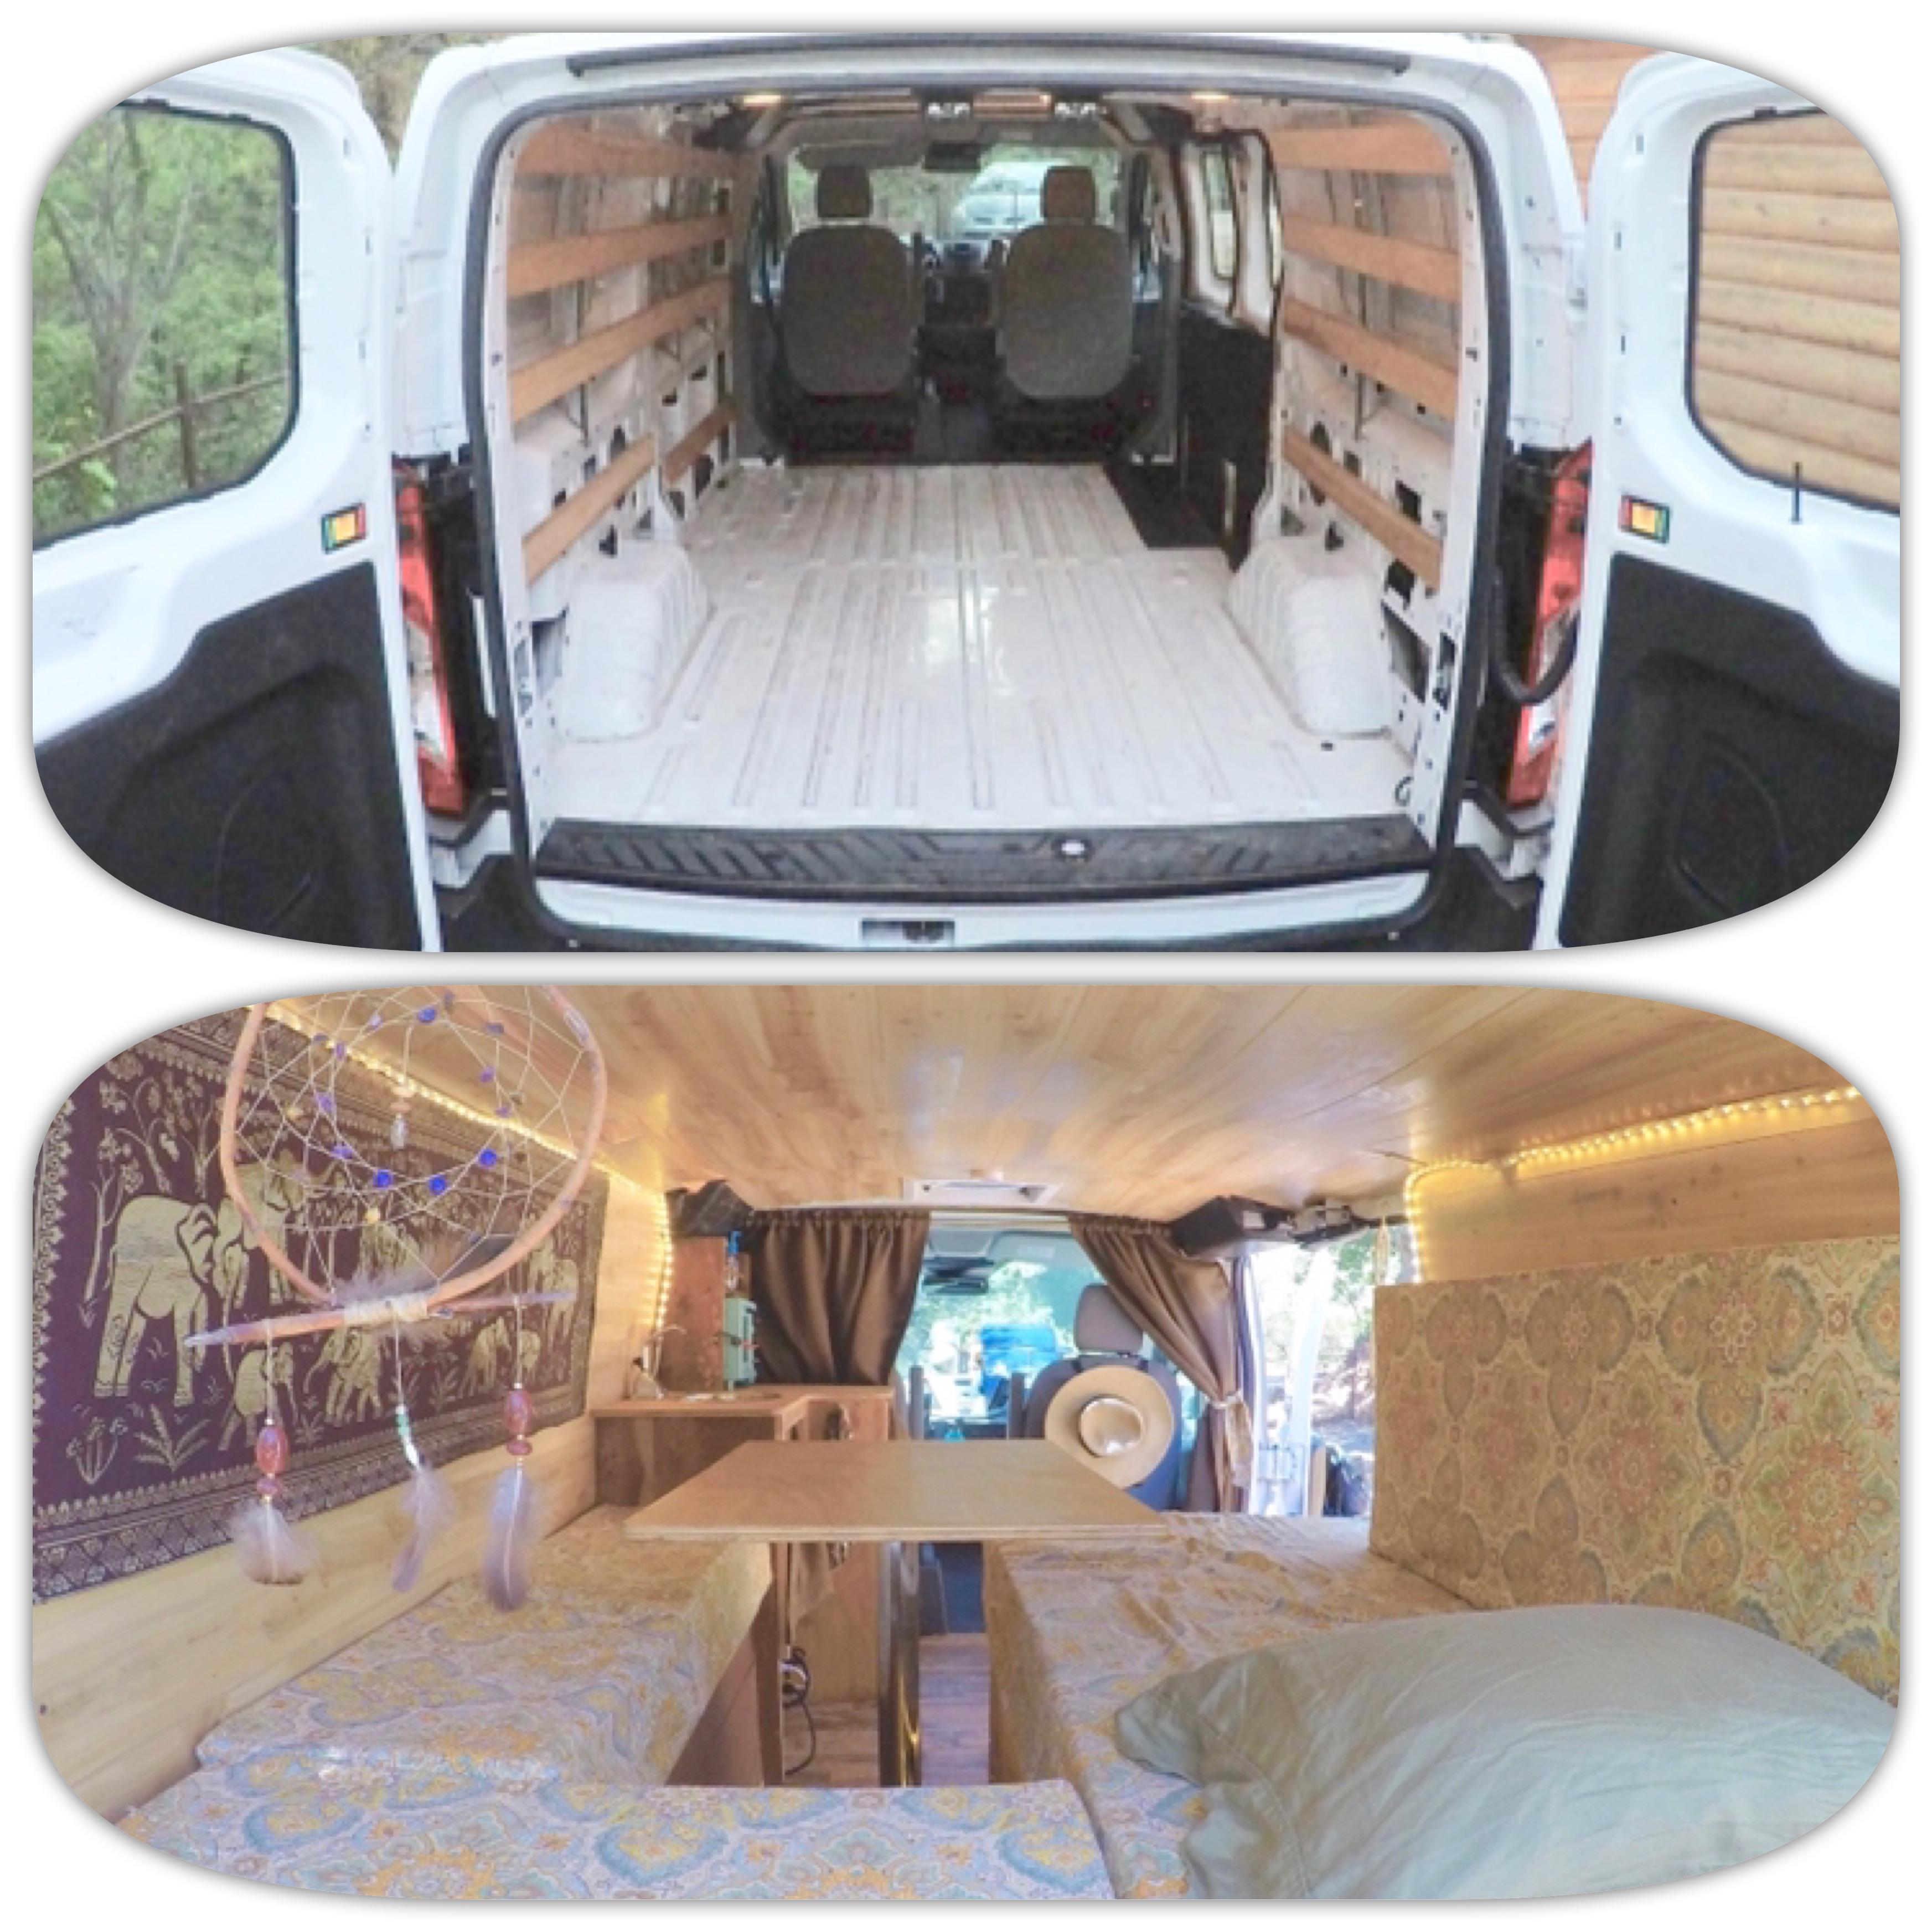 bb31d35d0cab DIY Budget Van Build  How I Converted a Cargo Van Into a Camper for ...